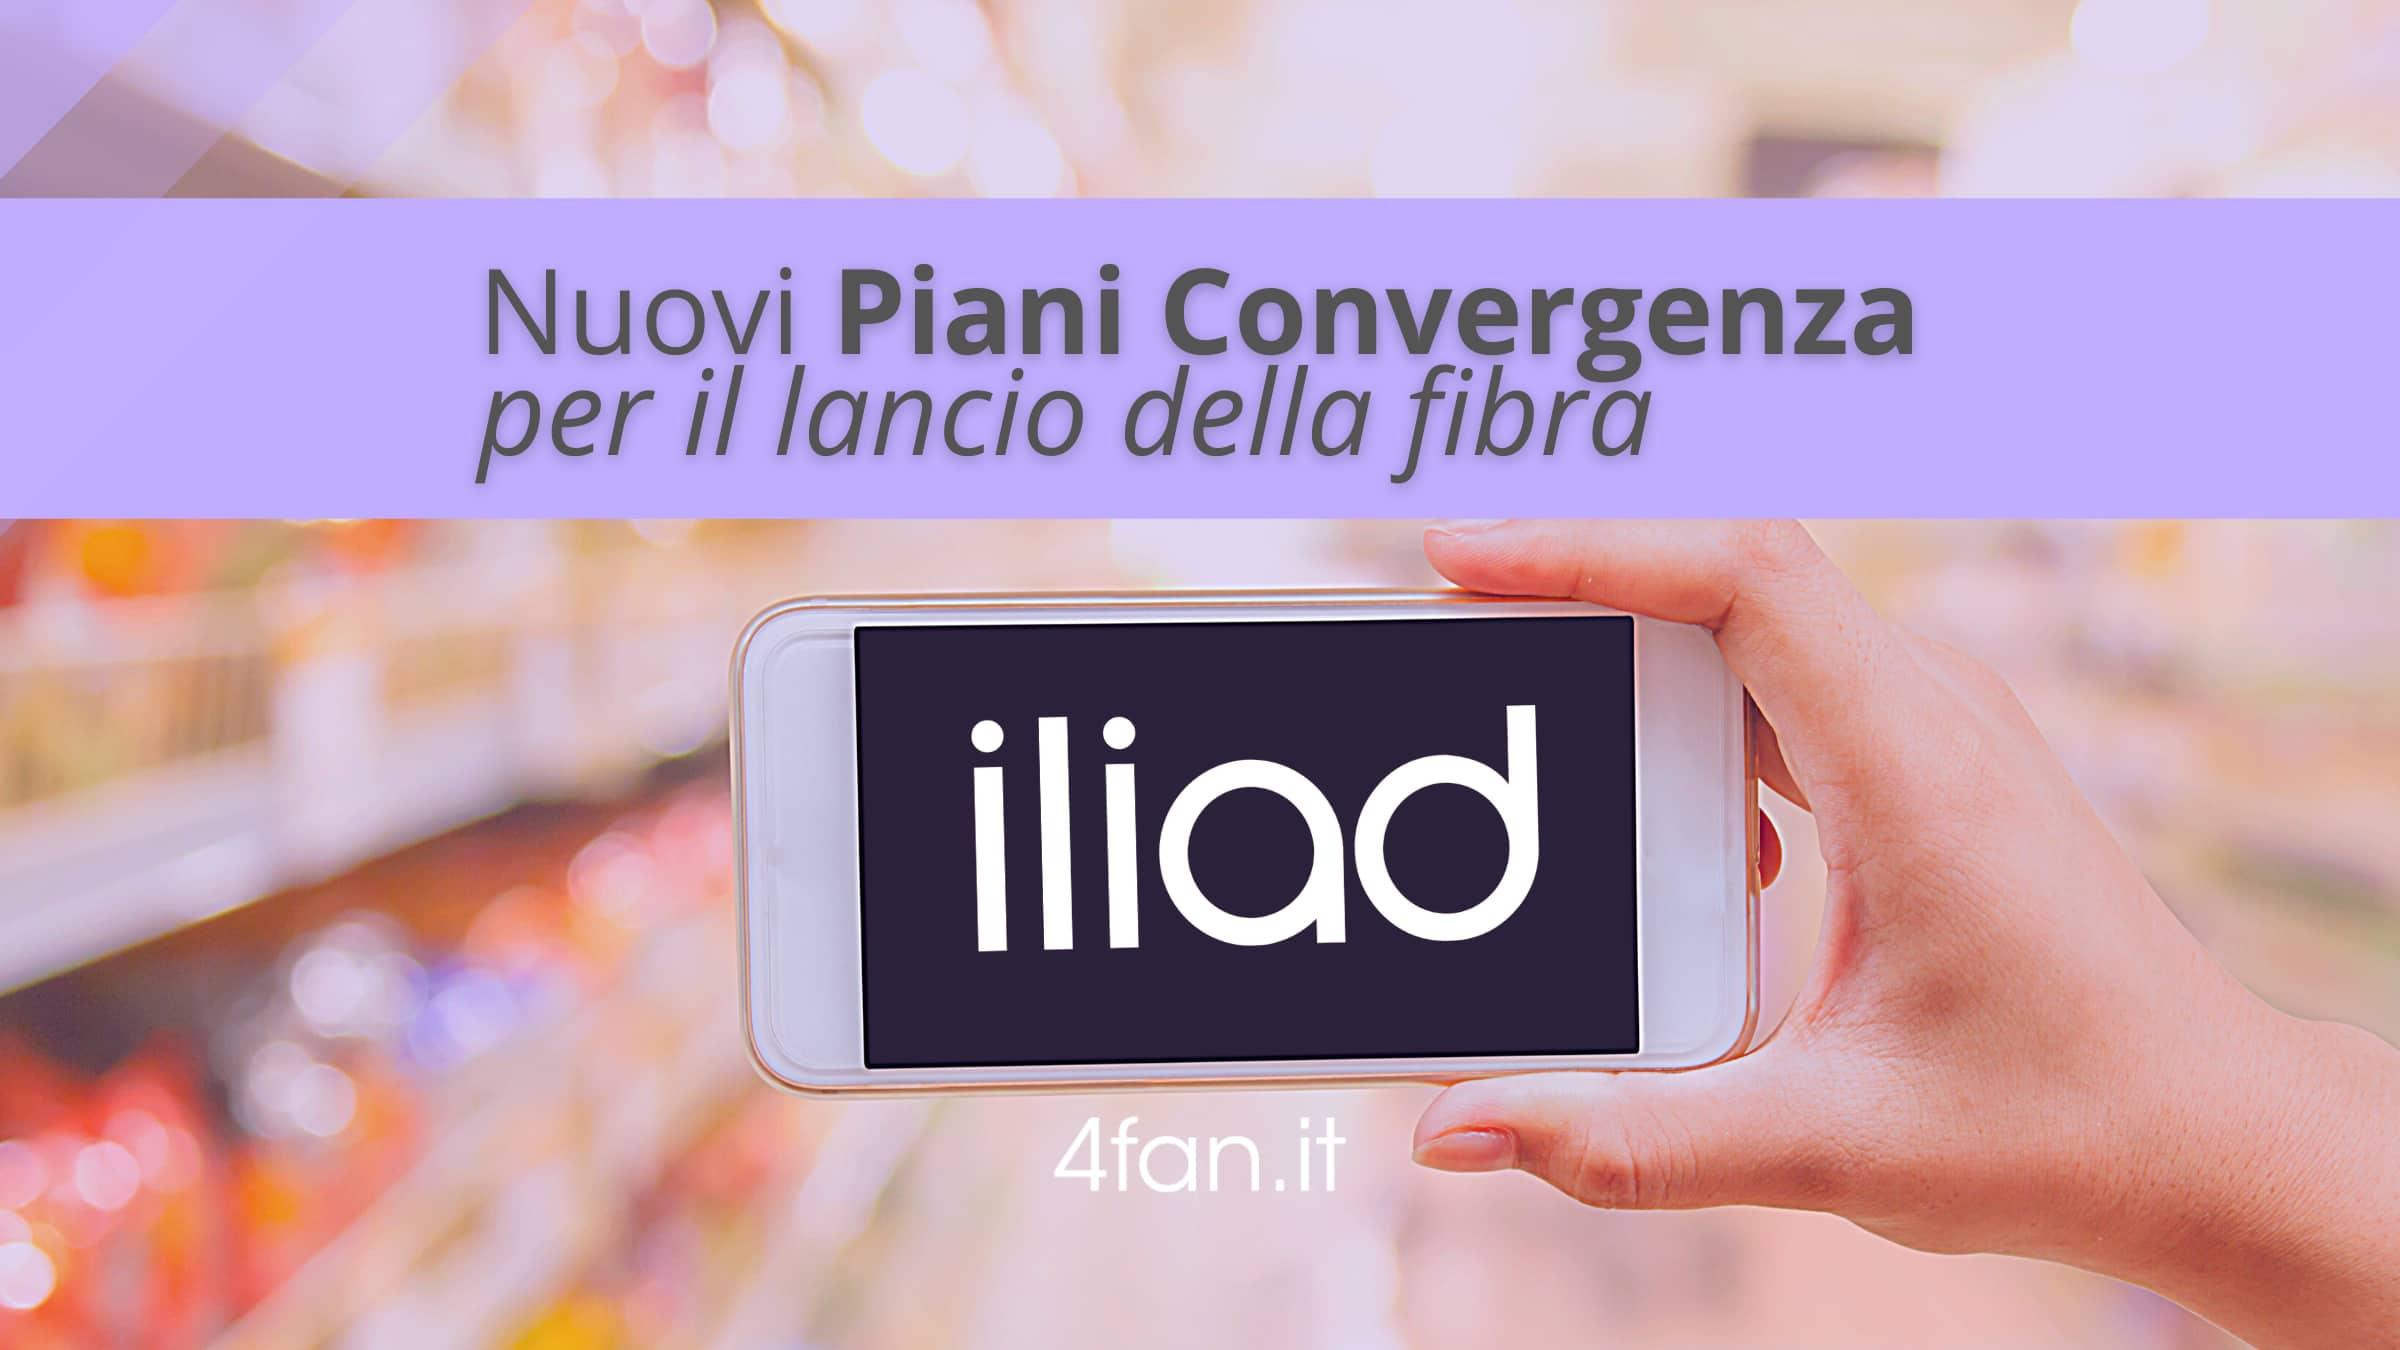 Nuovi piani convergenza Iliad